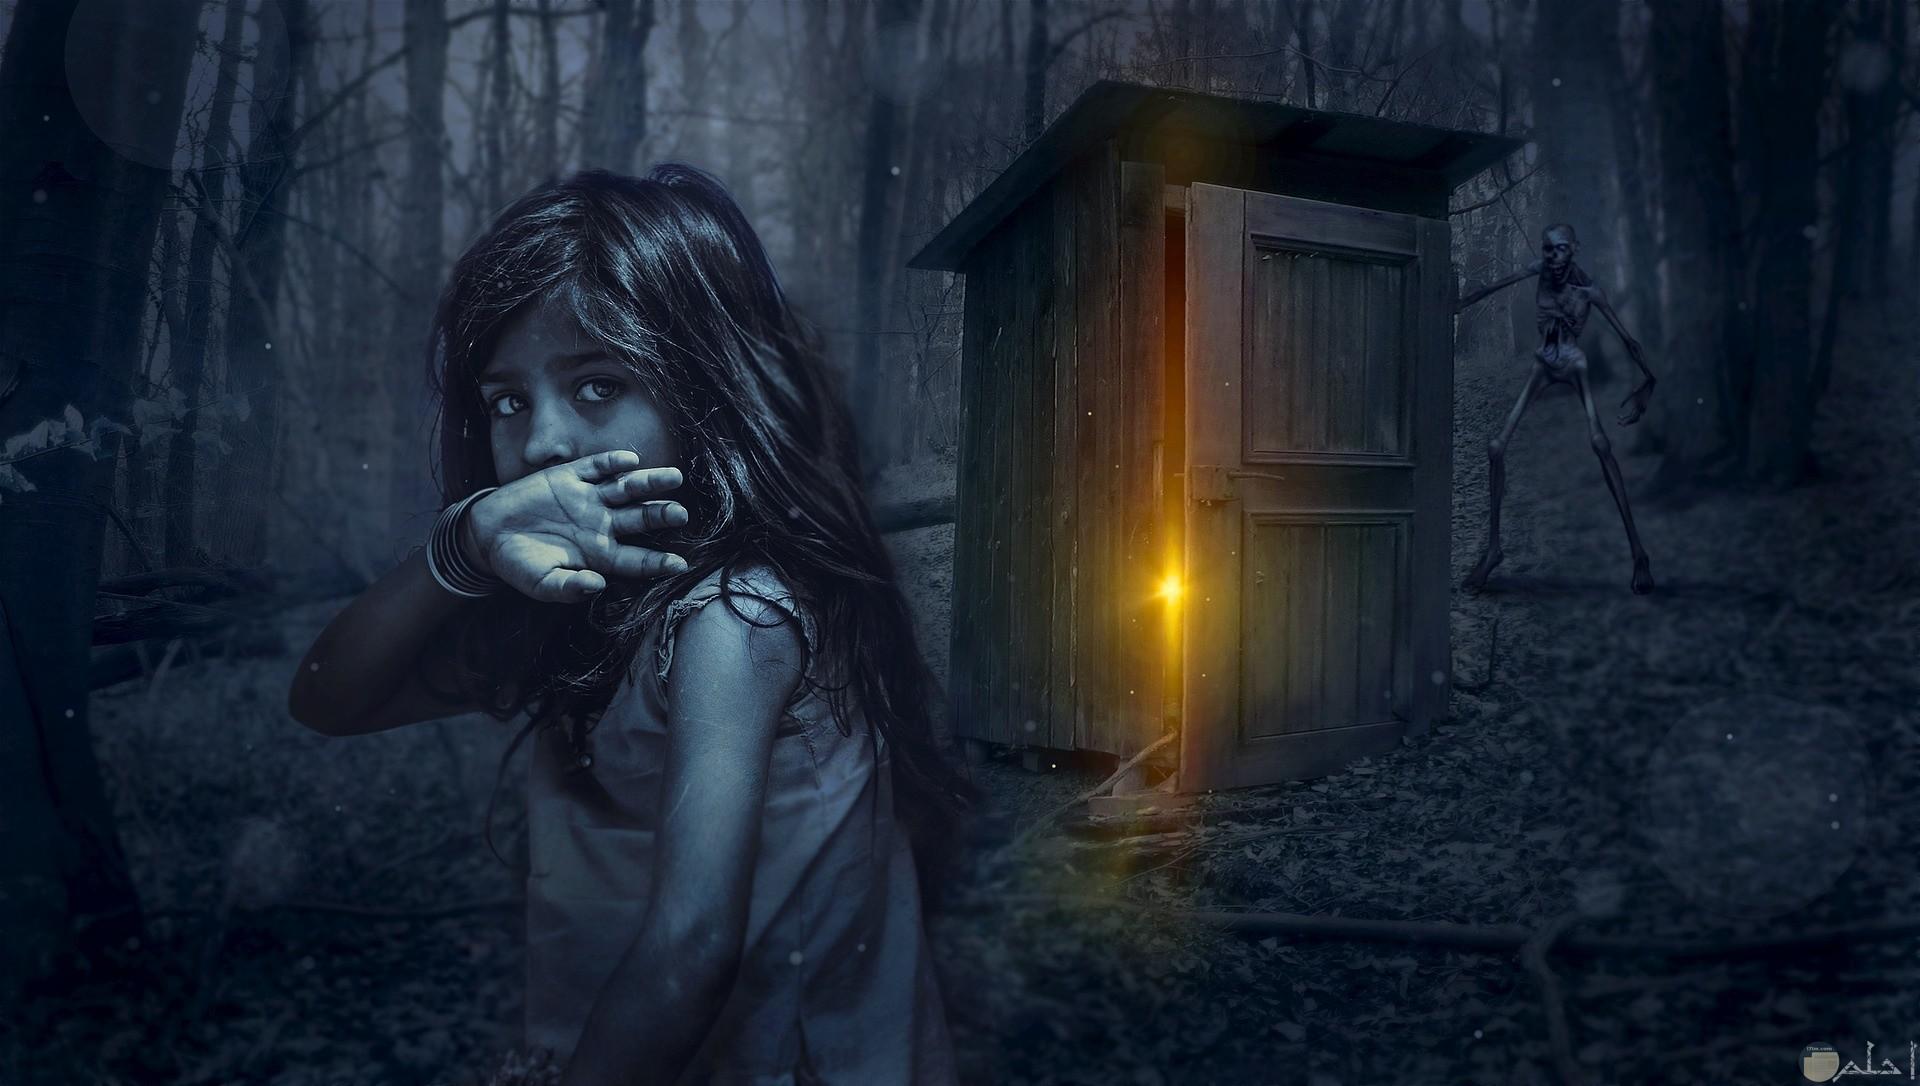 فتاة حزينة تشعر بالخوف